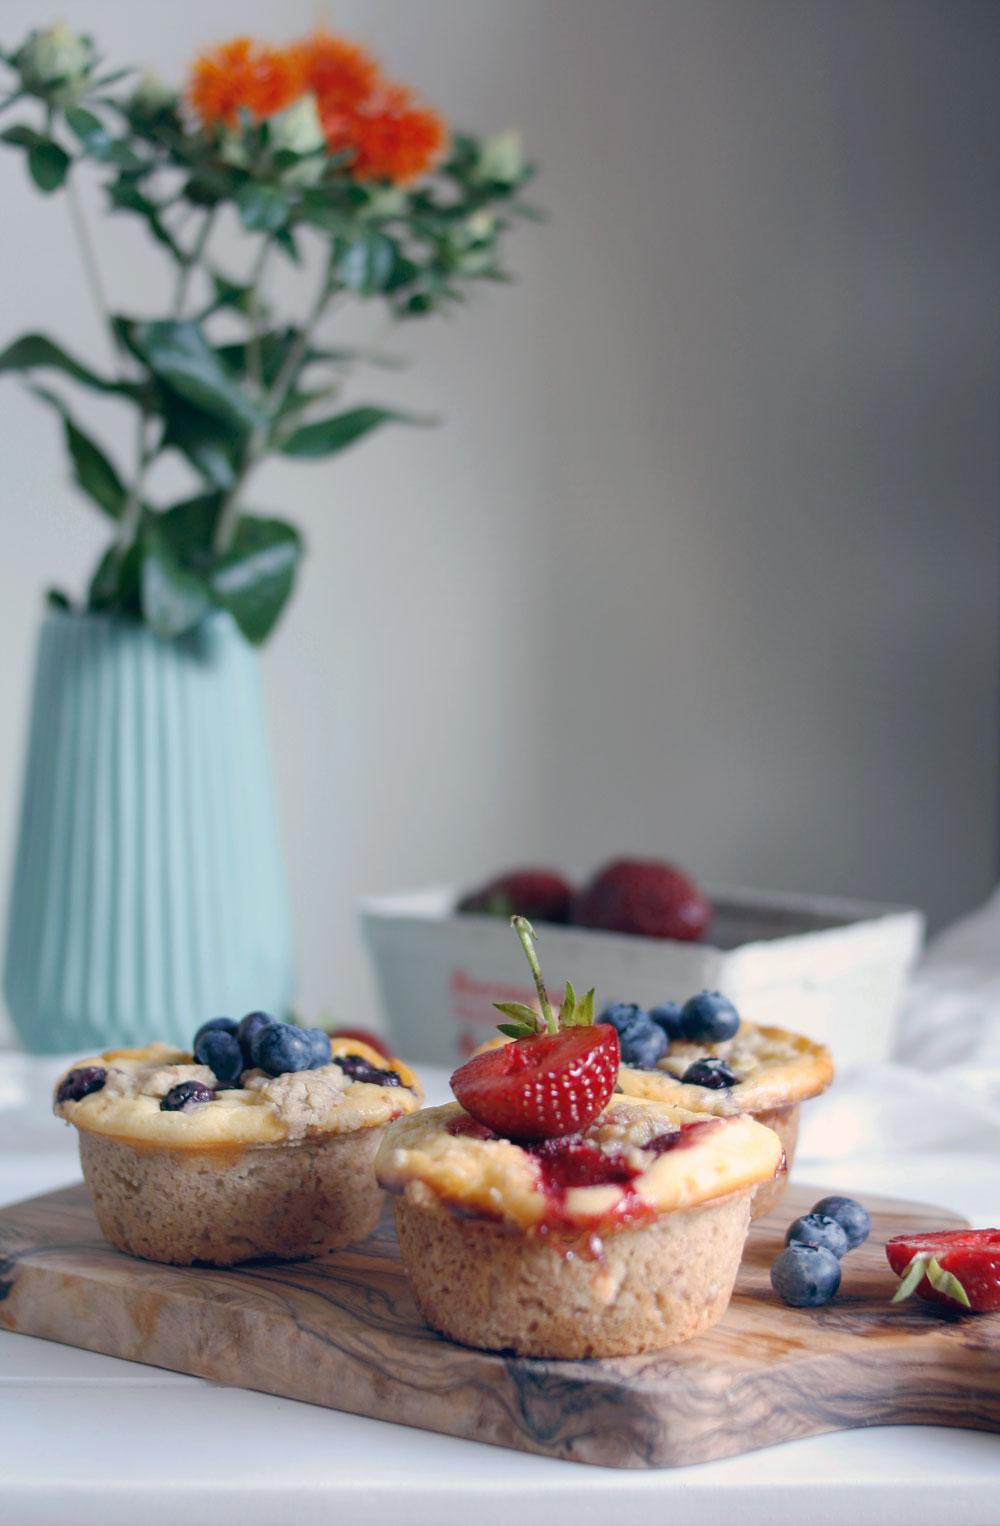 Käsekuchen Muffins mit Streusel und Blaubeeren & Co.